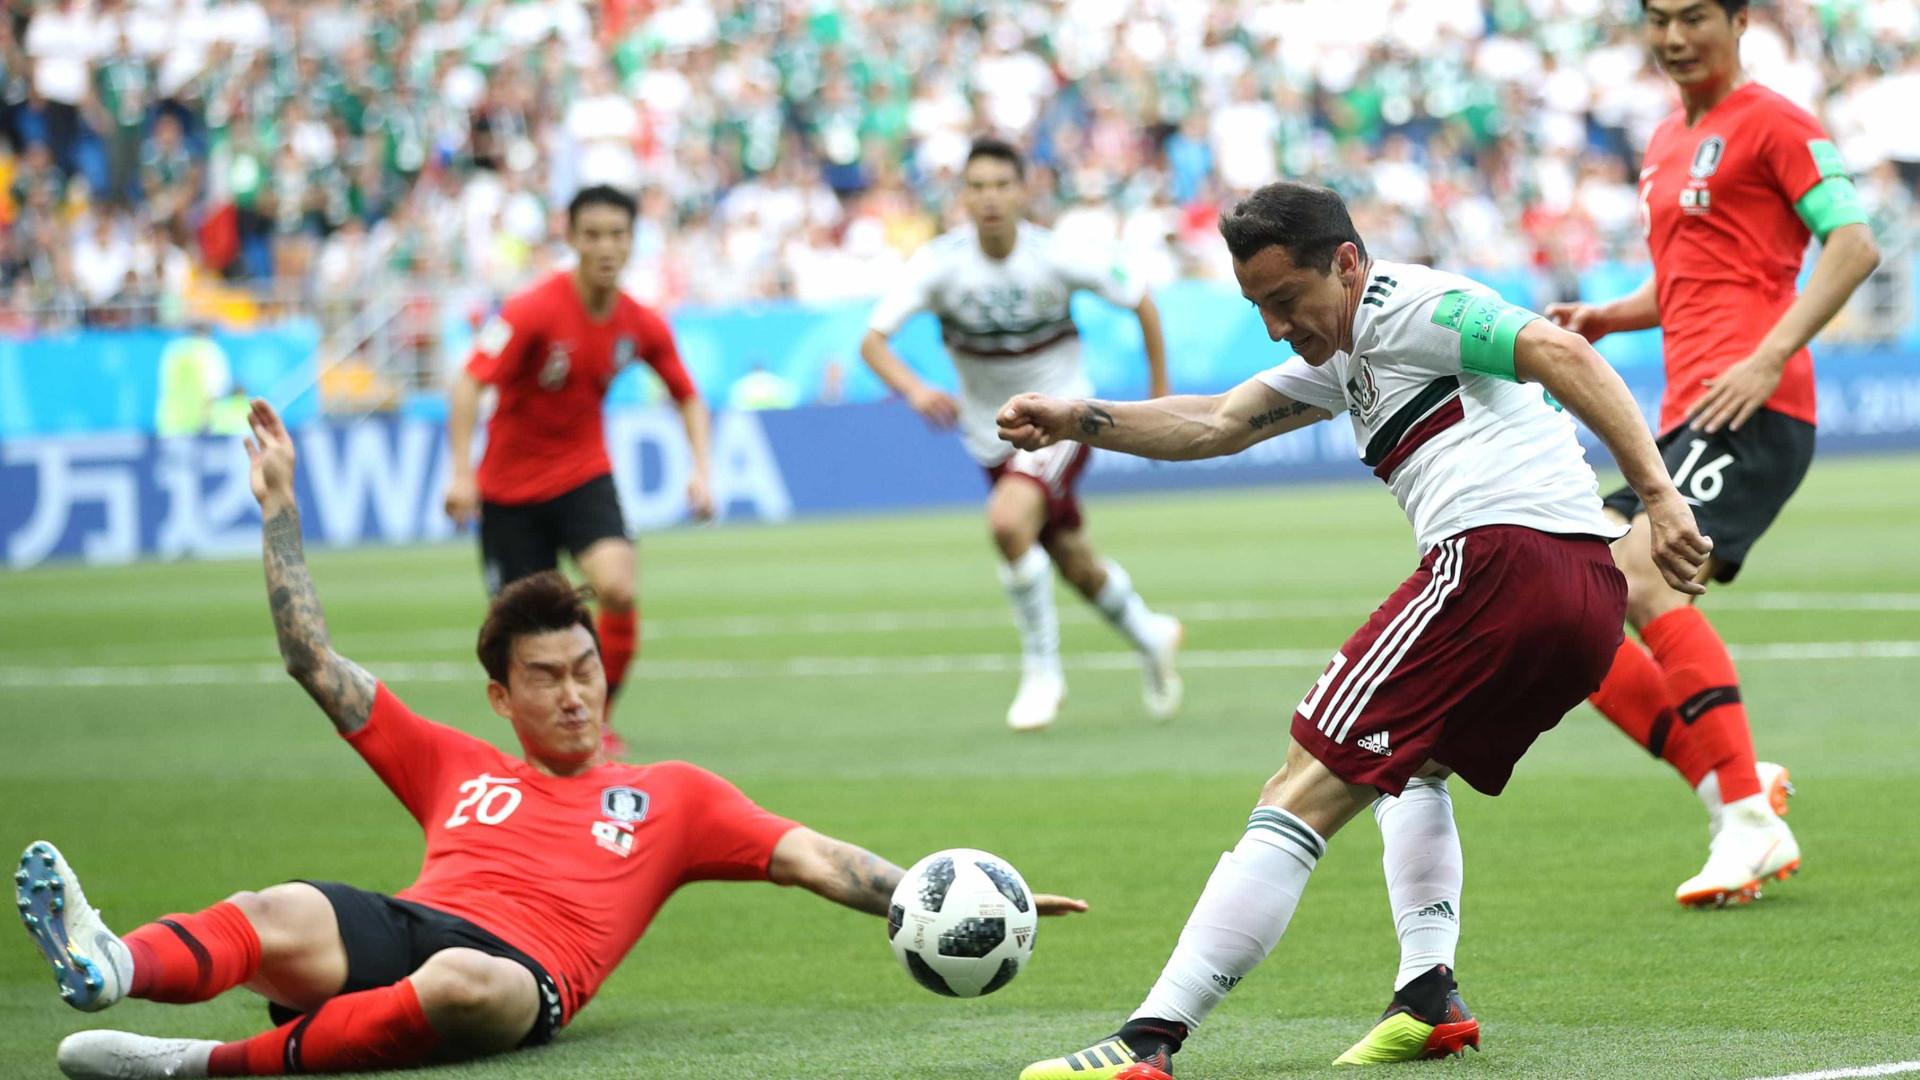 De pênalti, México abre o placar contra a Coreia do Sul